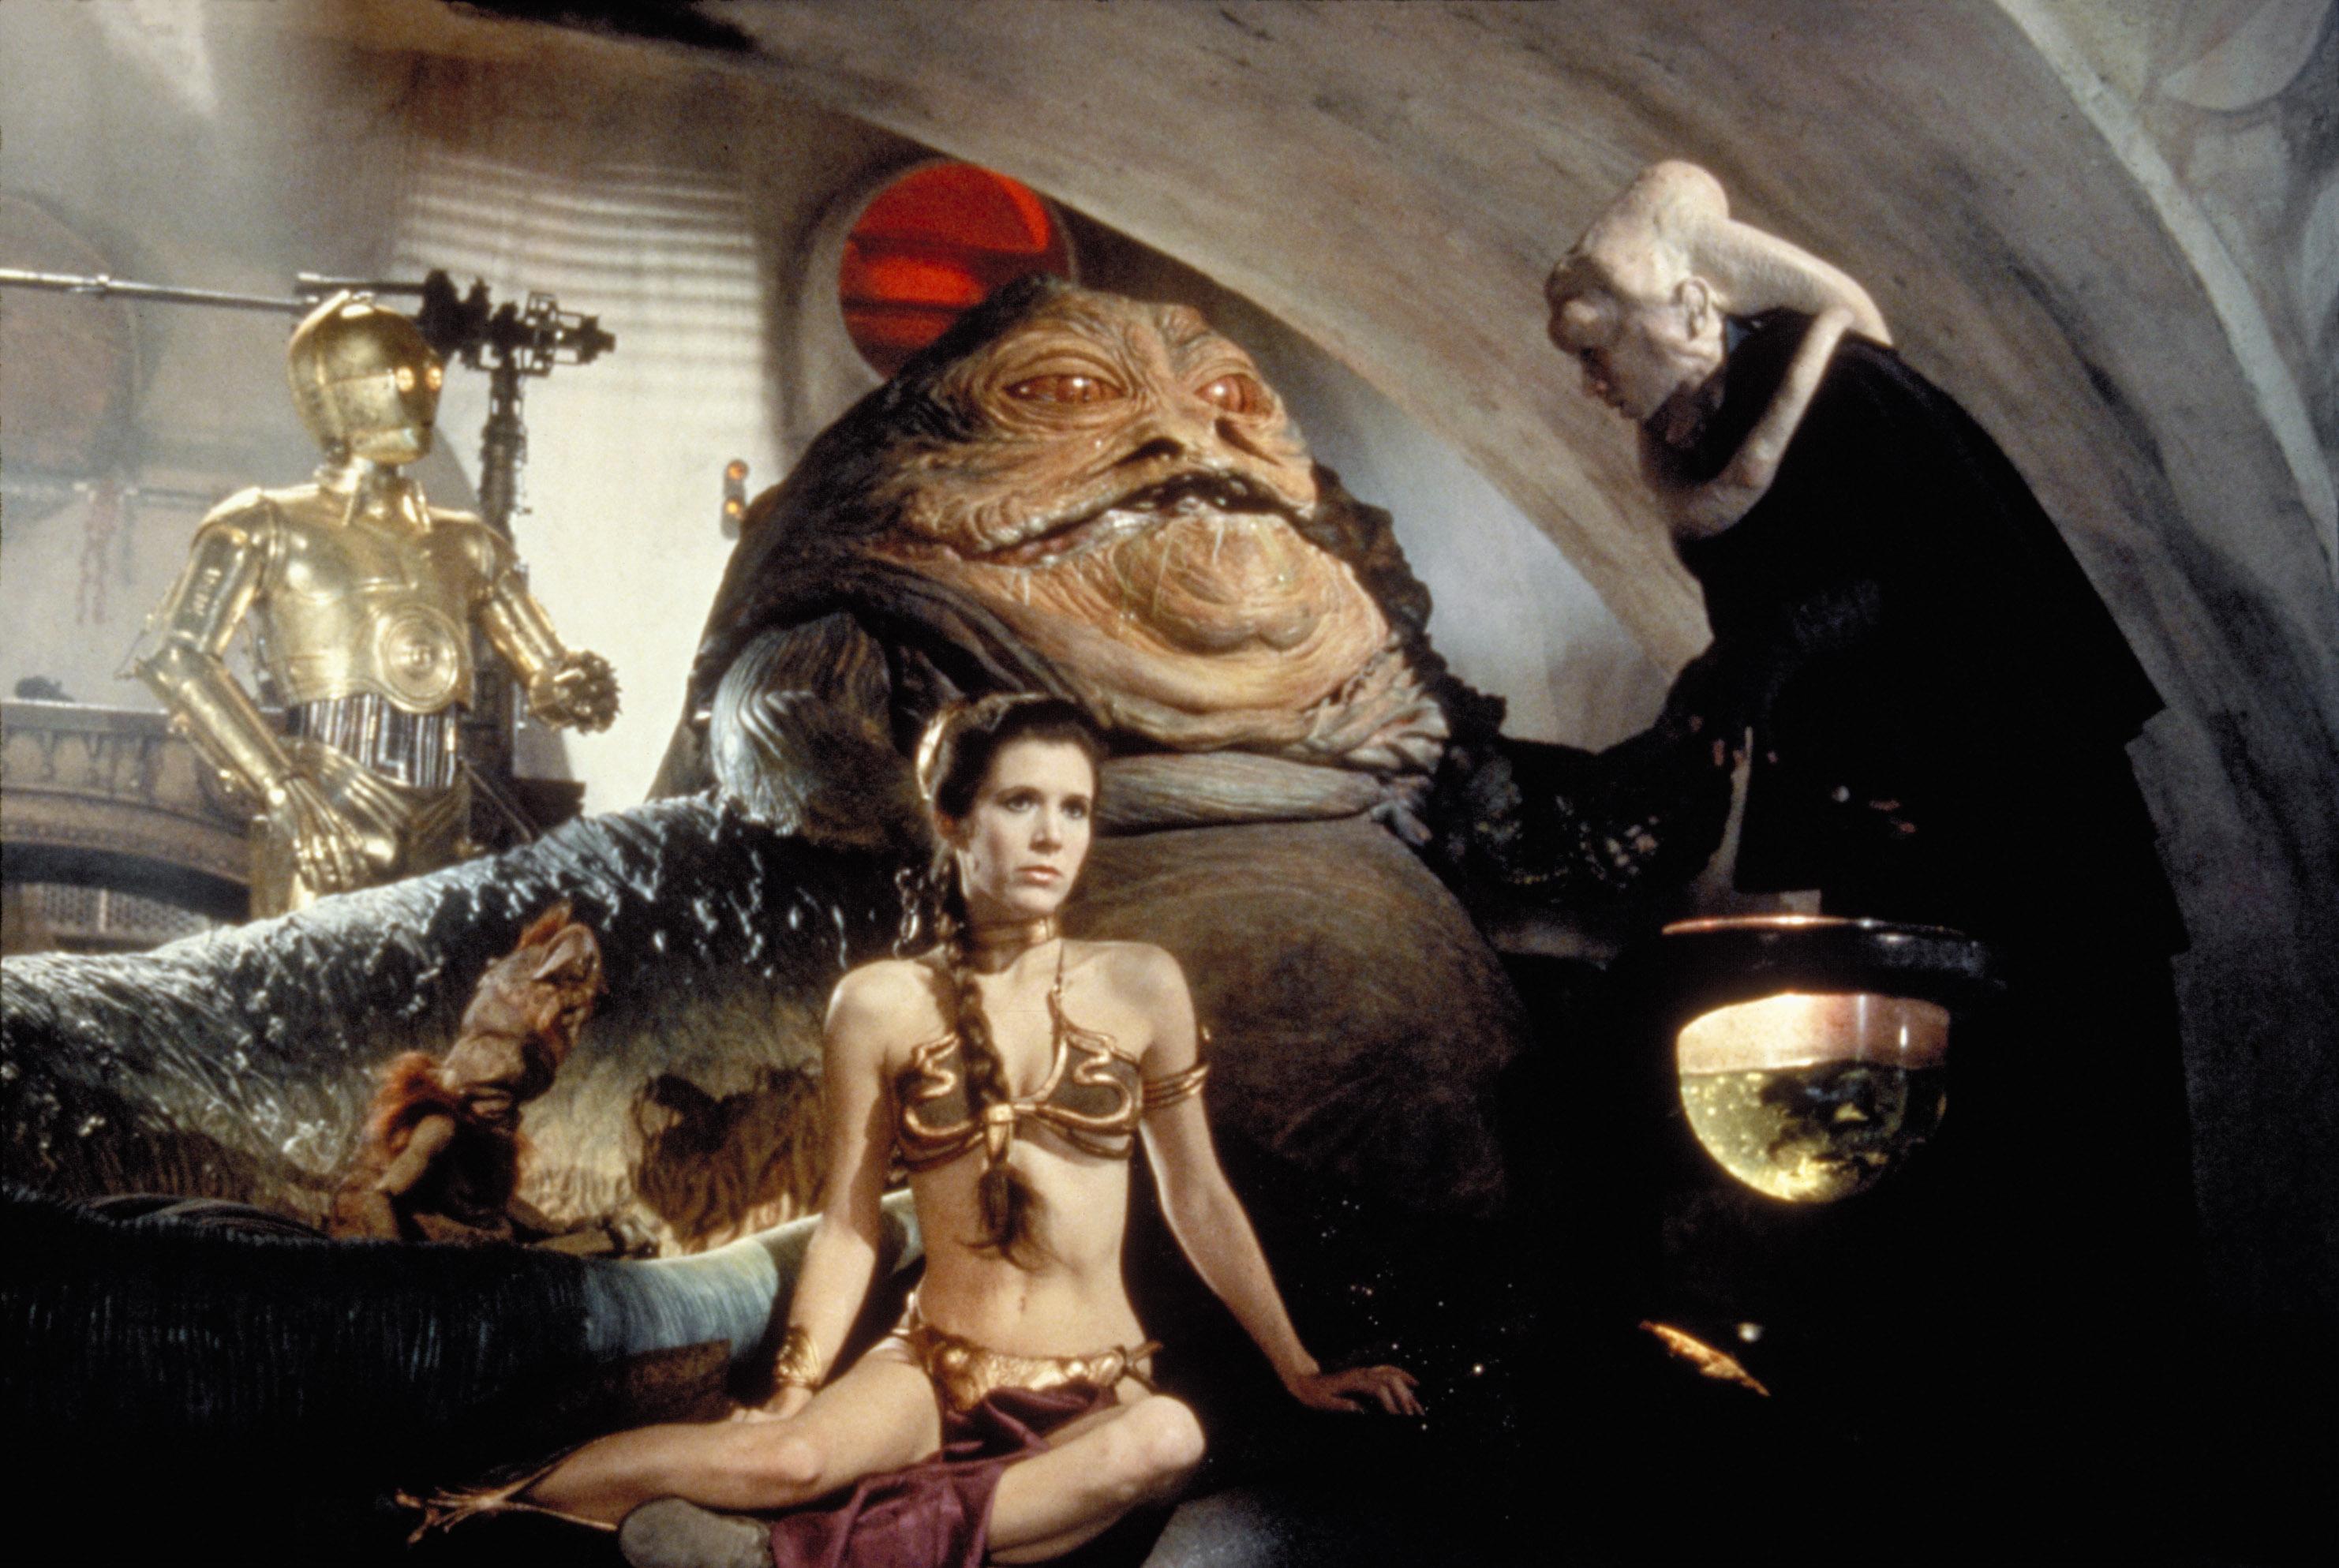 Star Wars Filmy Online 31